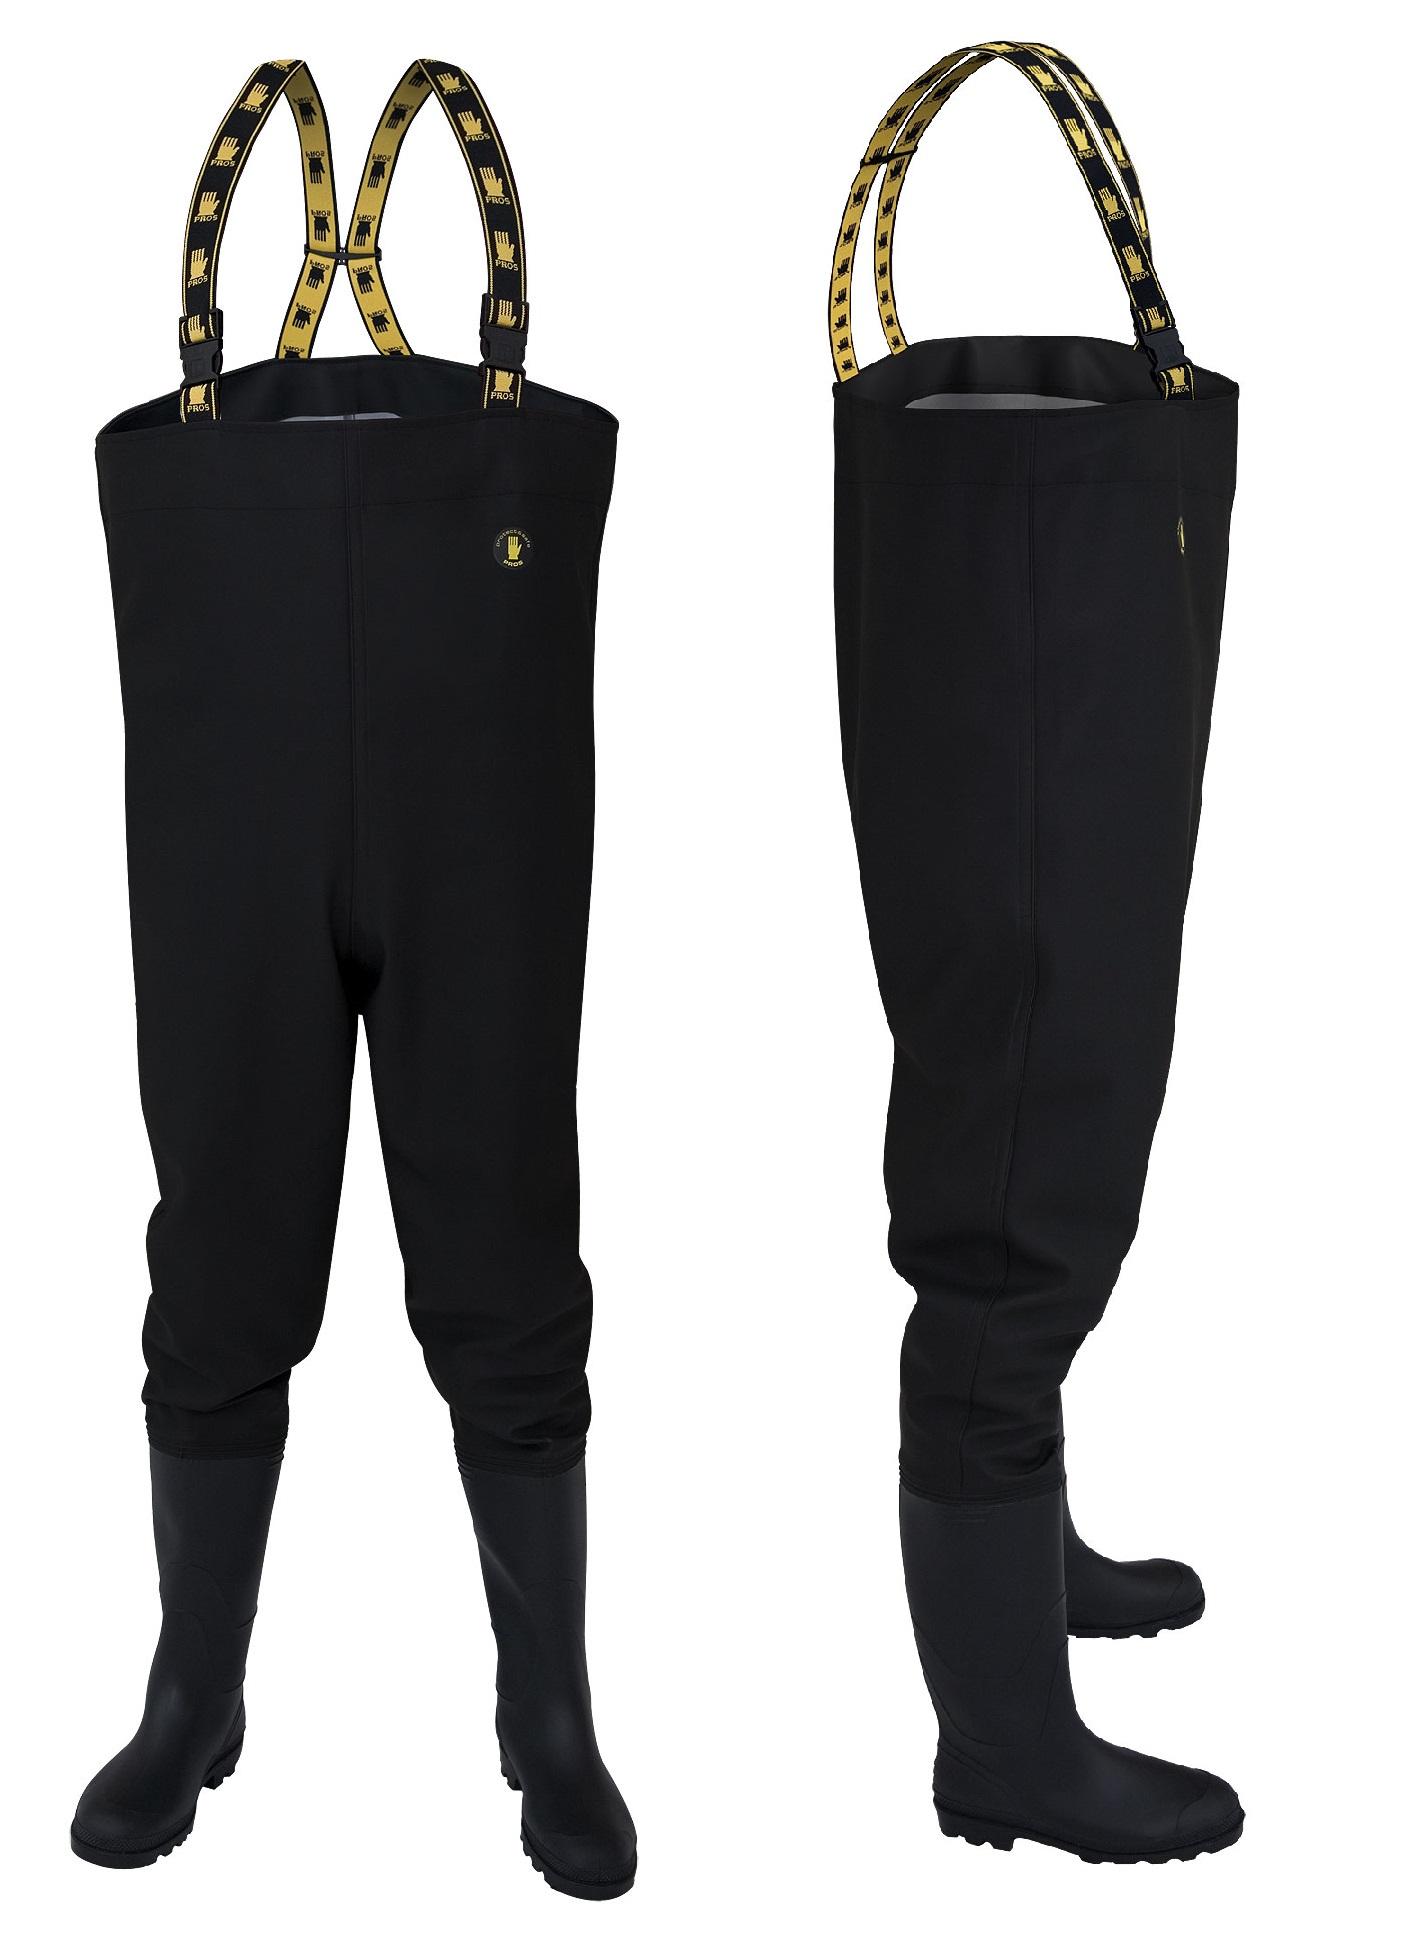 Topánky Bahniaky Rybárske KLADY SB01 Black 43